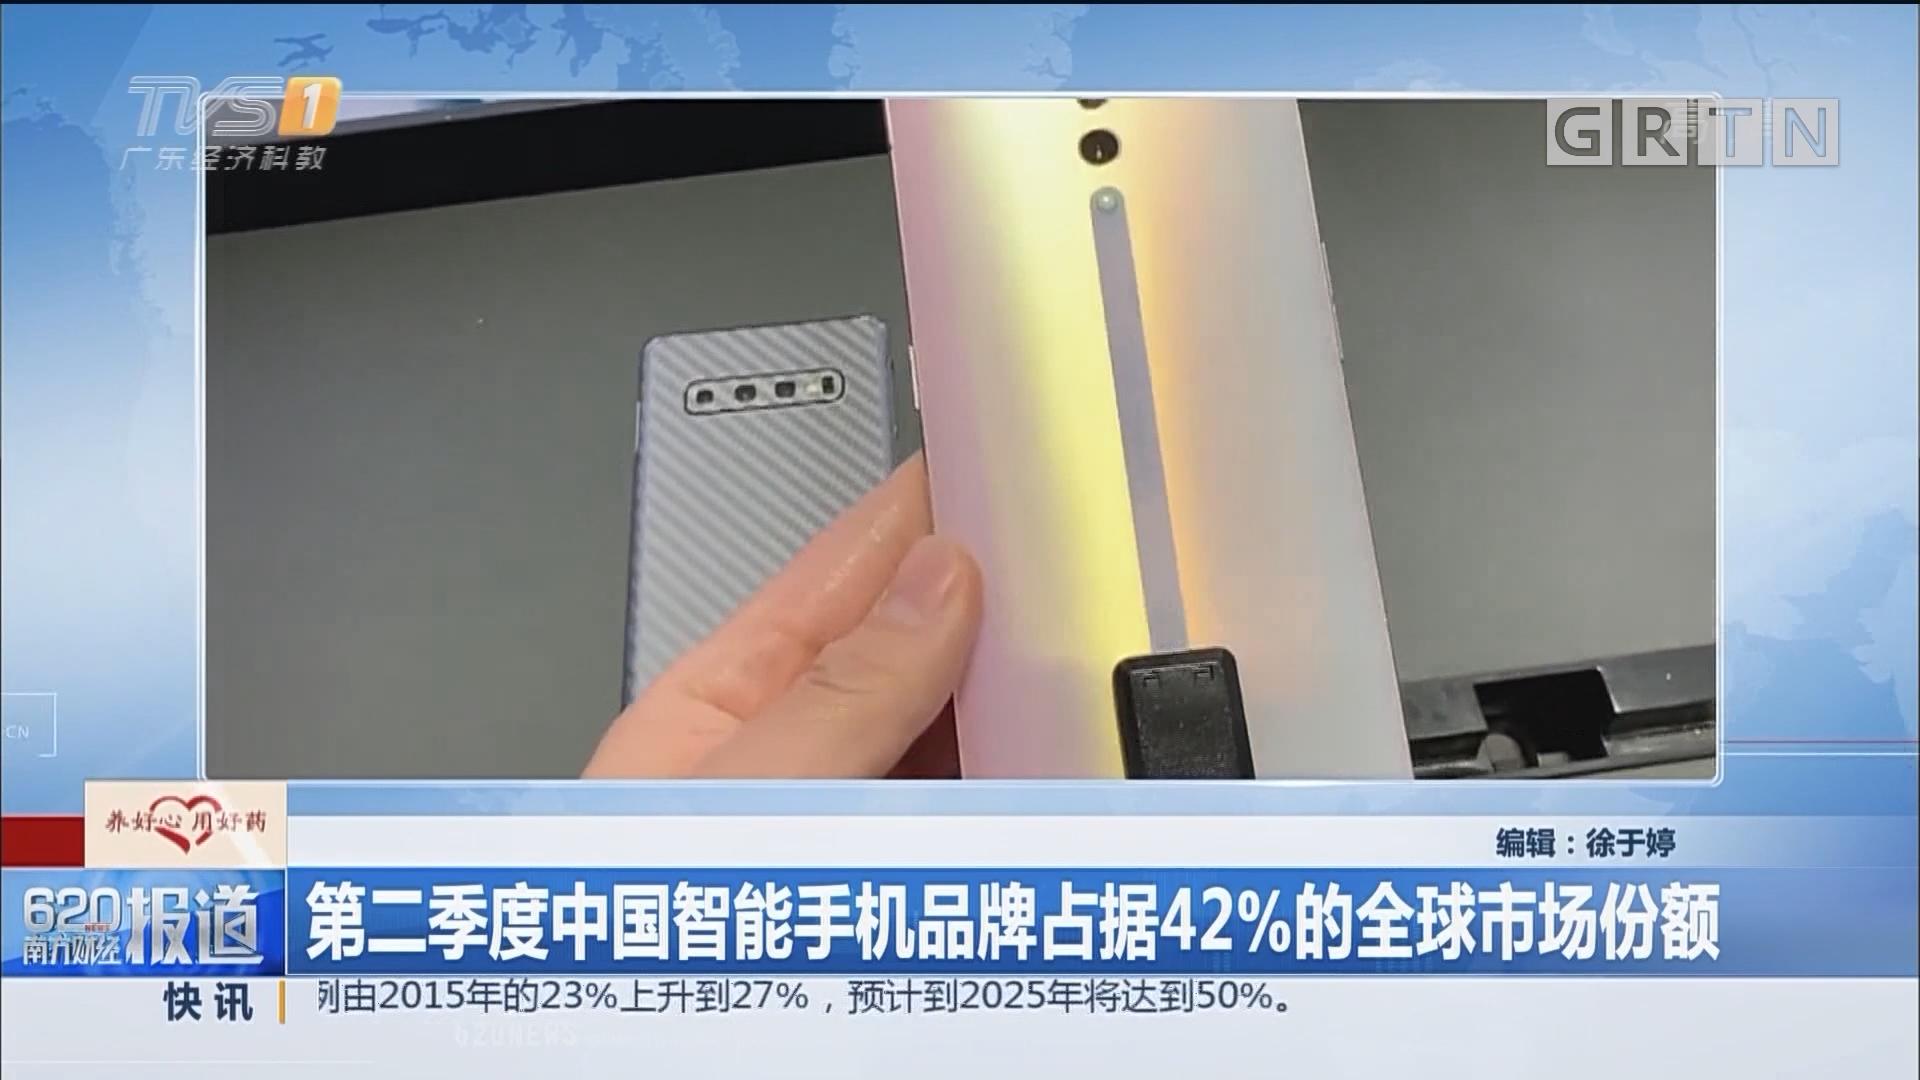 第二季度中国智能手机品牌占据42%的全球市场份额